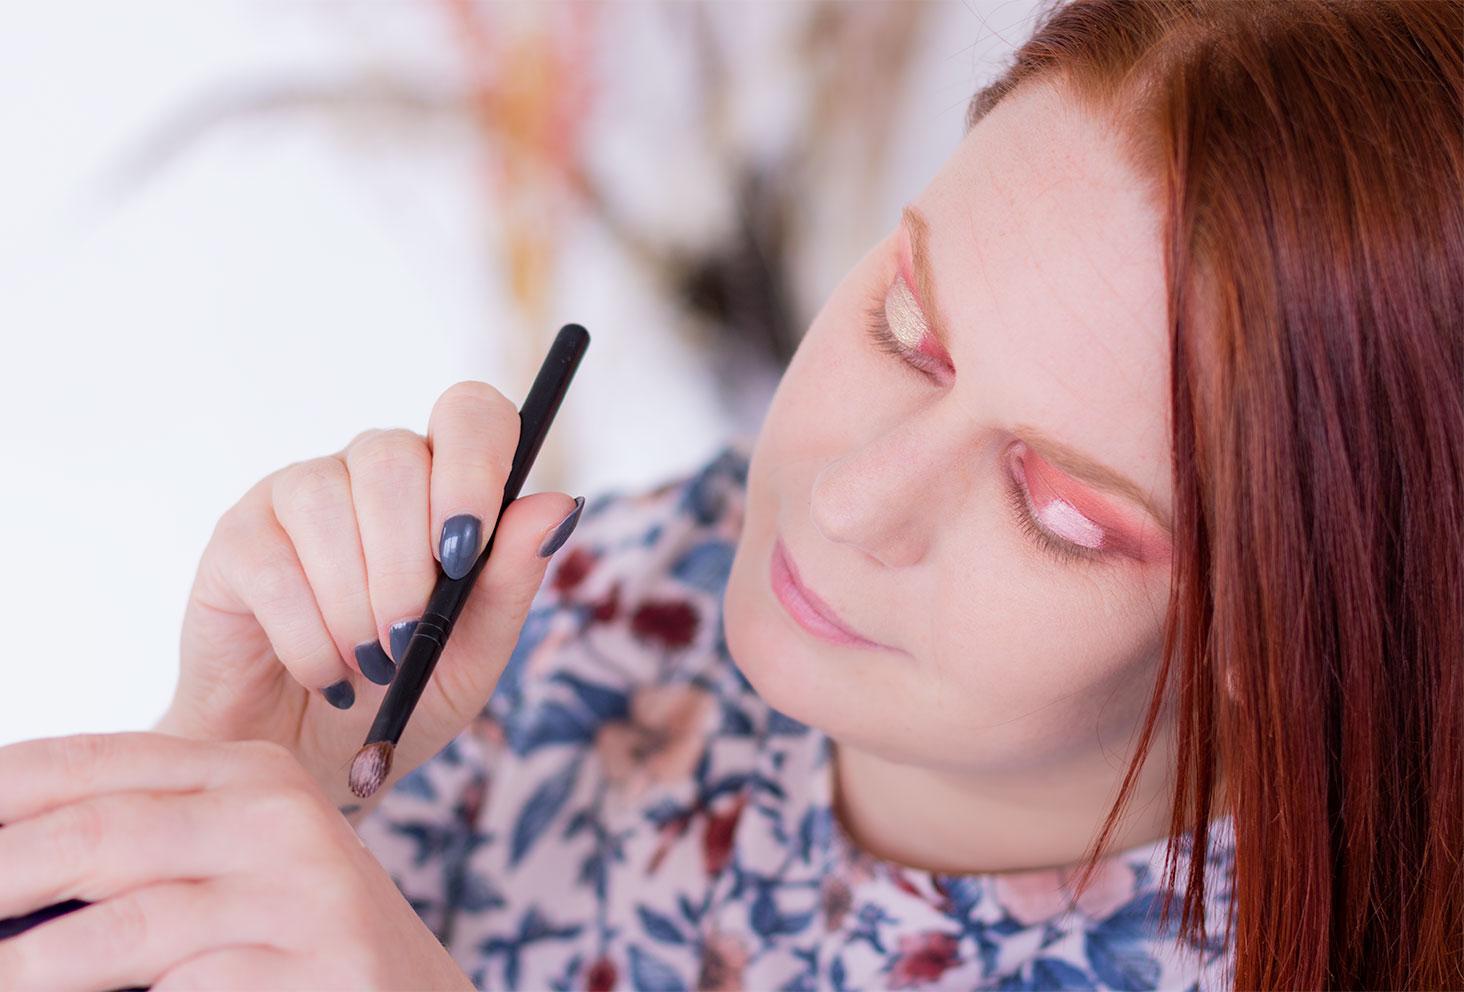 Prélèvement et application de l'anticerne sur la paupière pour l'étape 3 du maquillage coloré réalisé avec la palette Moroccan Spice